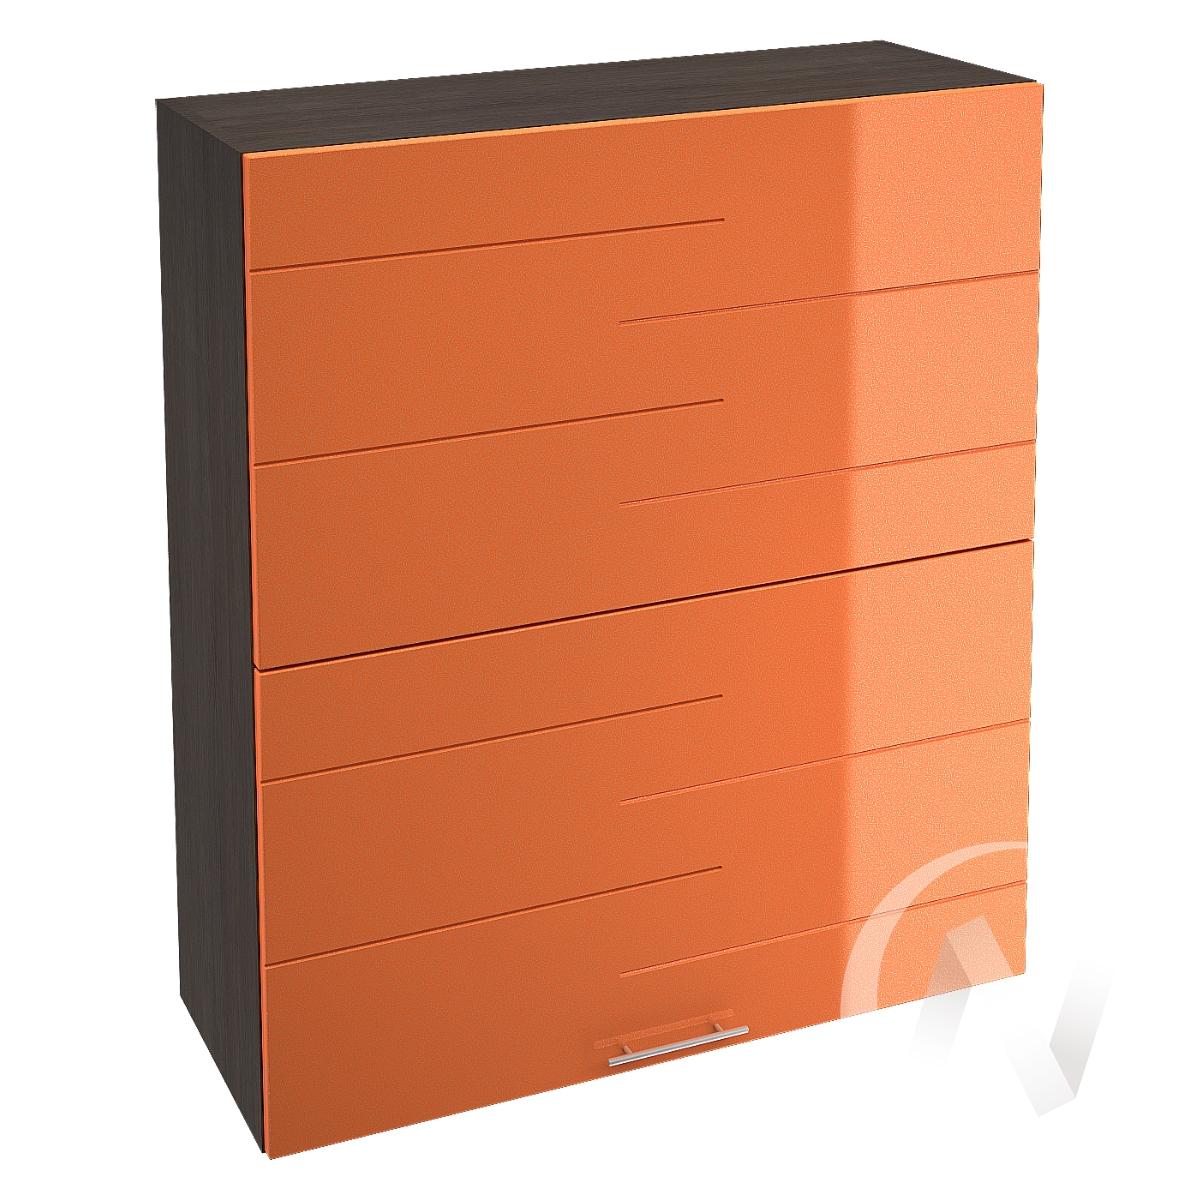 """Кухня """"Техно"""": Шкаф верхний горизонтальный 802, ШВГ 802 (корпус венге)"""